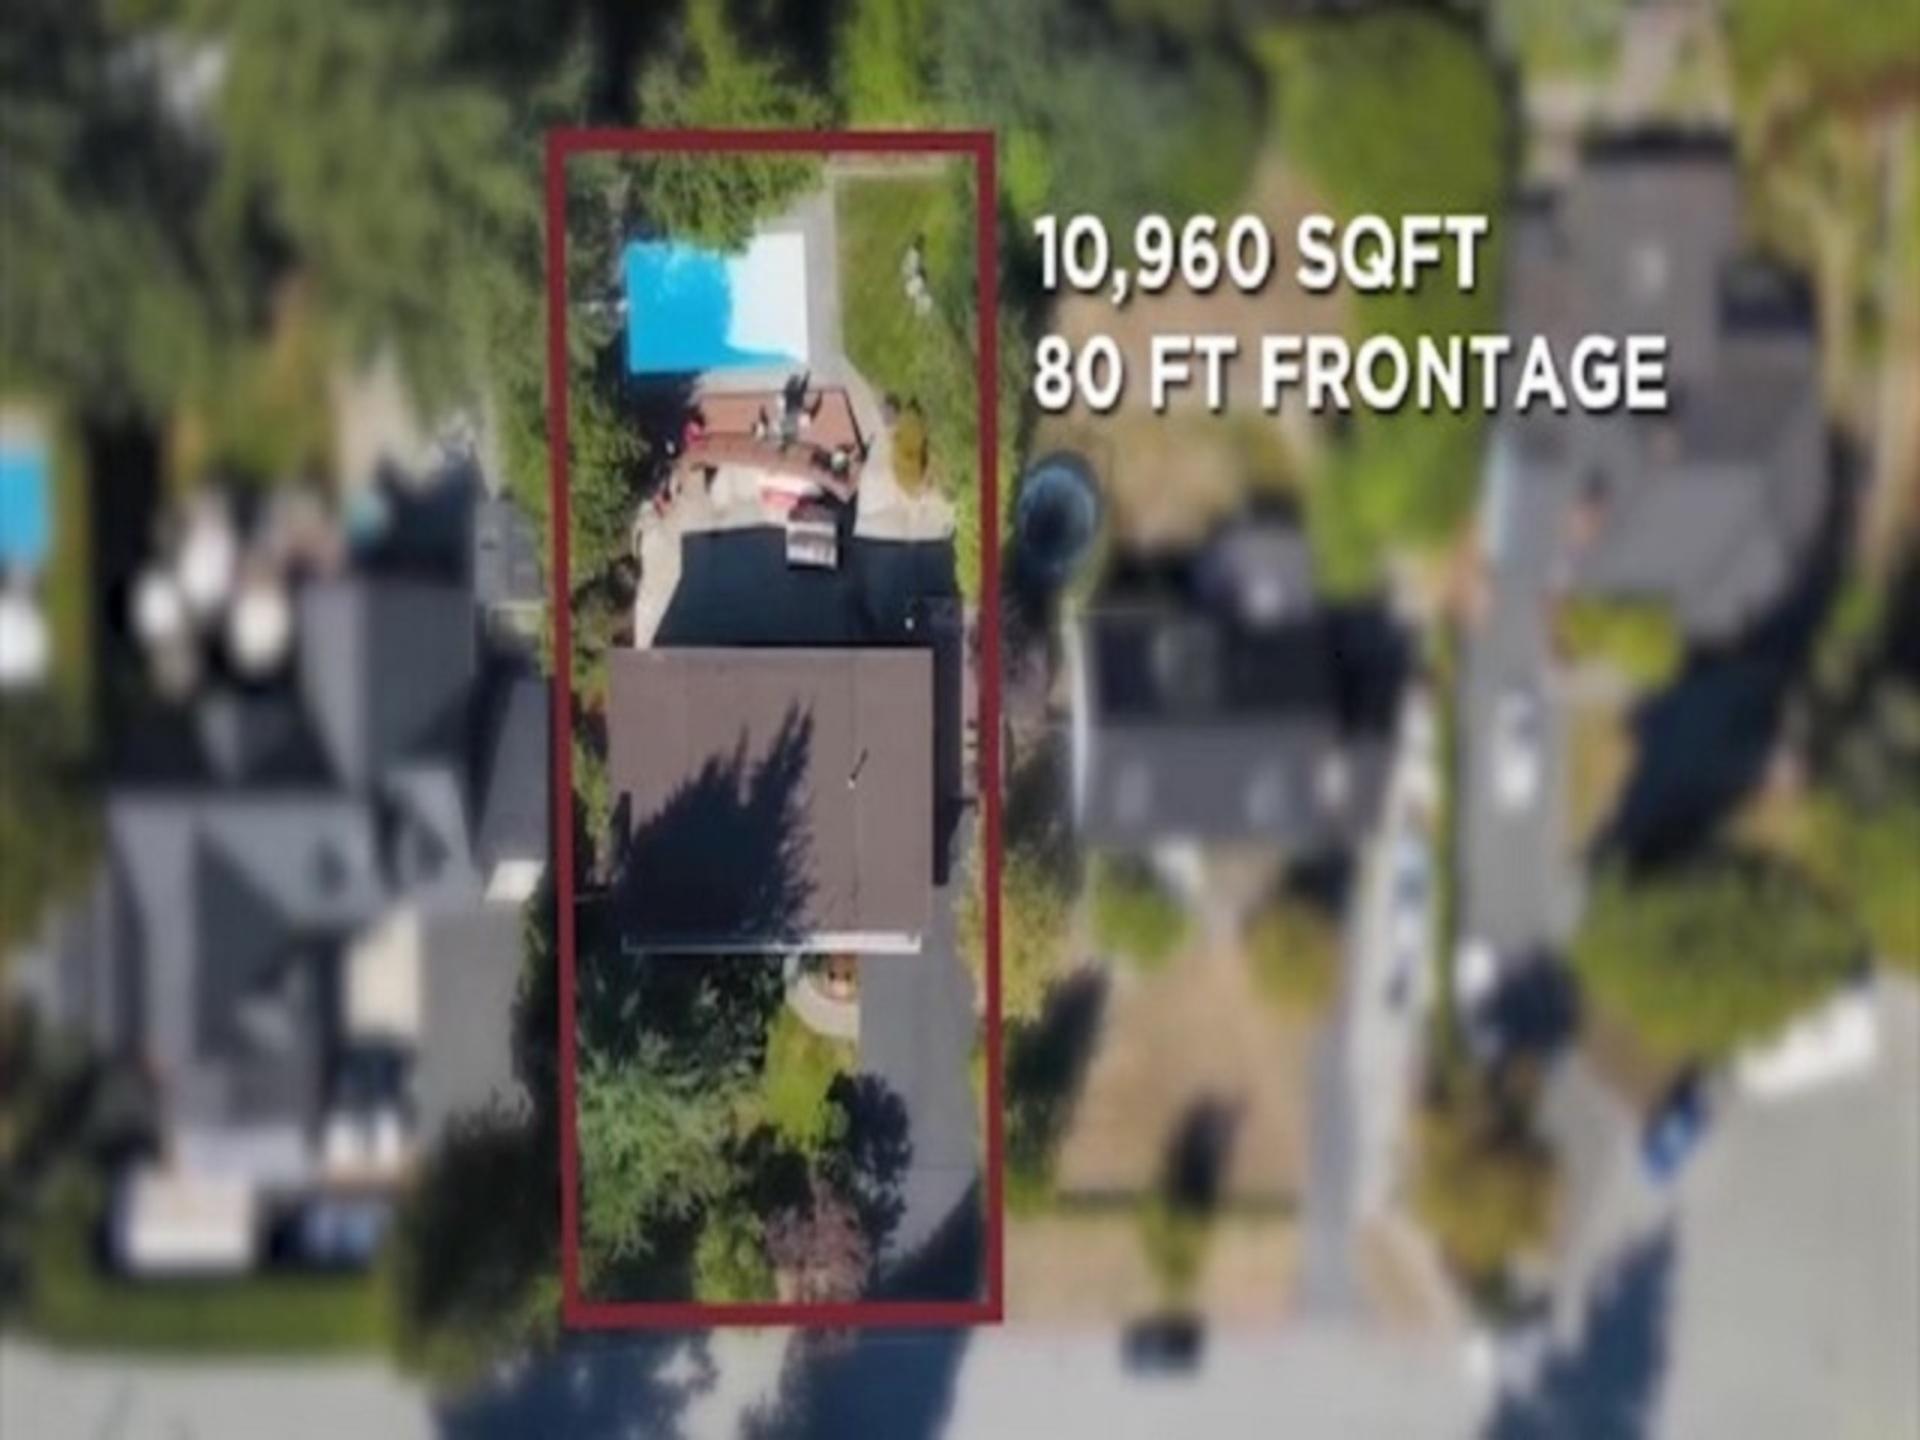 988-hartford-place-windsor-park-nv-north-vancouver-20 at 988 Hartford Place, Windsor Park NV, North Vancouver